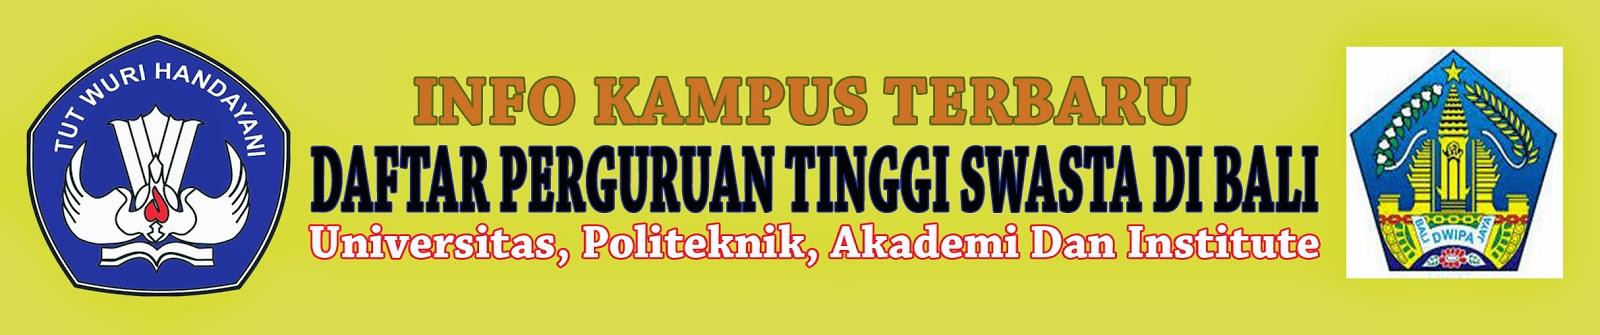 Daftar Perguruan Tinggi Swasta Di Bali